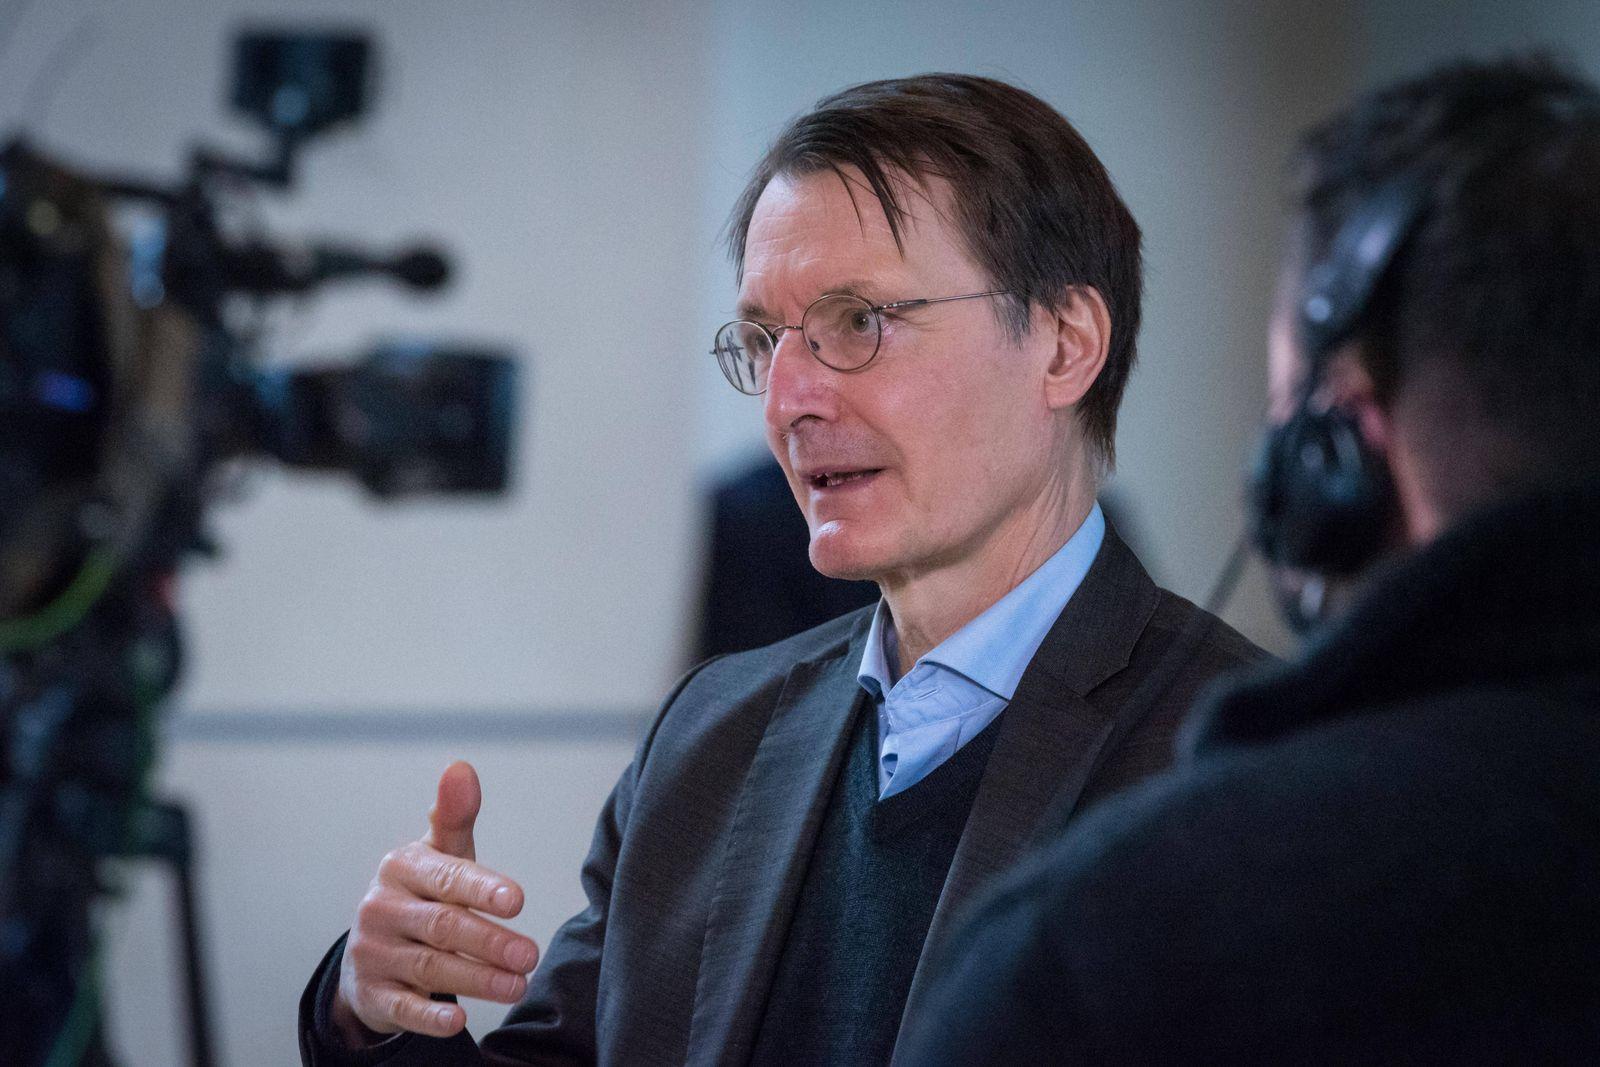 Berlin, Karl Lauterbach gibt Interview im Bundestag Deutschland, Berlin - 13.01.2021: Karl Lauterbach (SPD) gibt währen